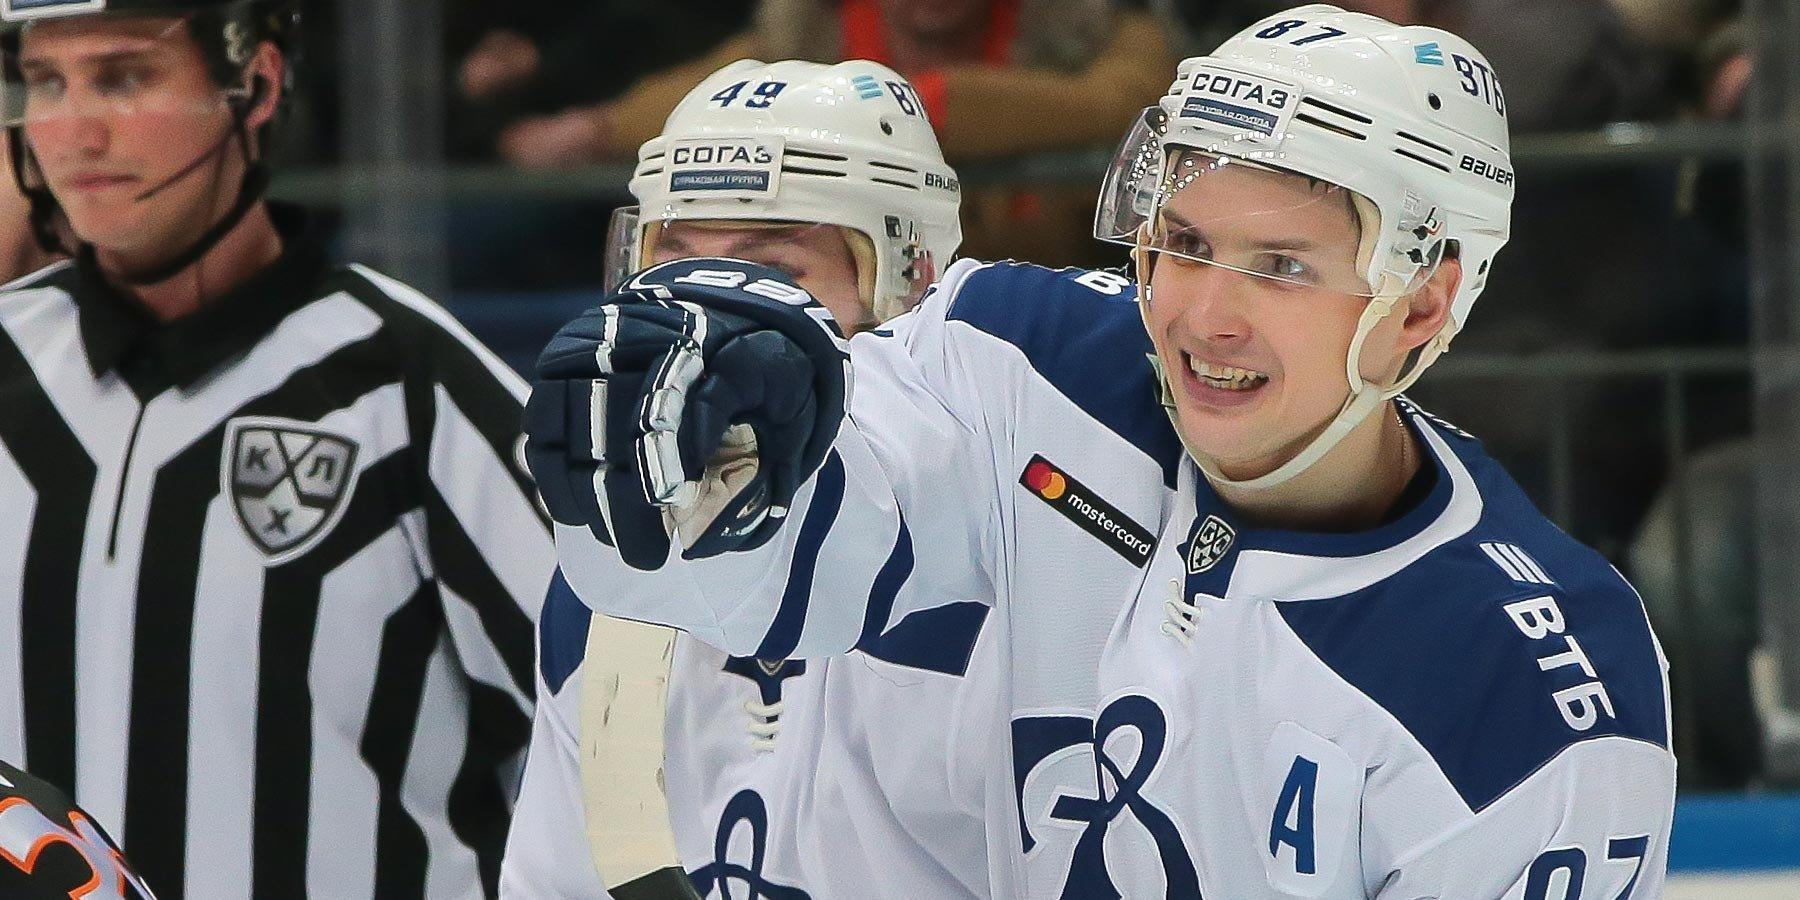 Шипачёв: иногда включаю хоккей, в серии СКА